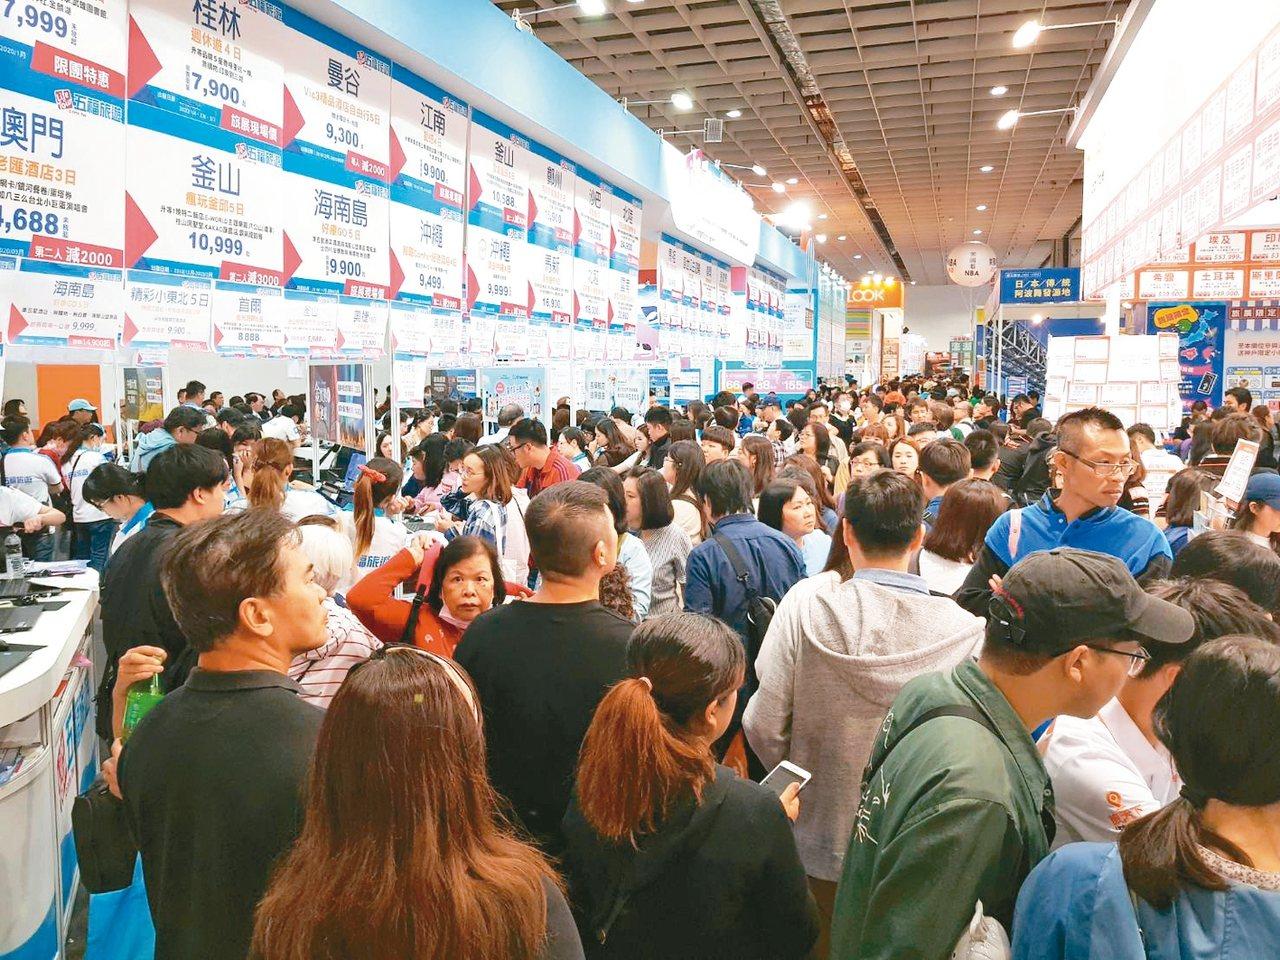 2019台北國際旅展迎來首個周末假日,湧現人潮。 記者陳睿中/攝影